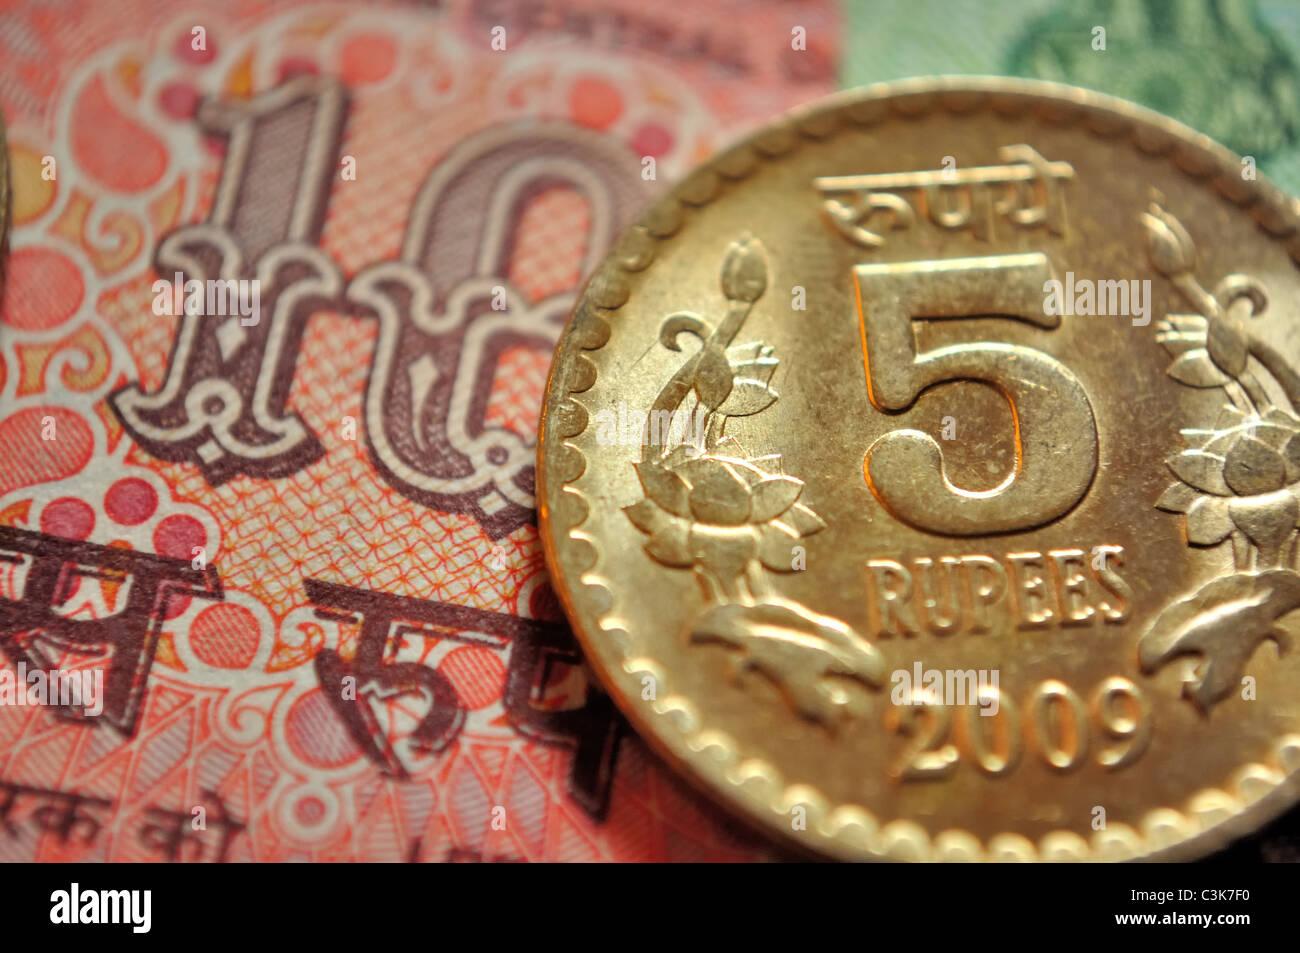 Monnaie indienne, un coin de Rs. 5 et à l'arrière-plan une note de Rs. 10 Photo Stock